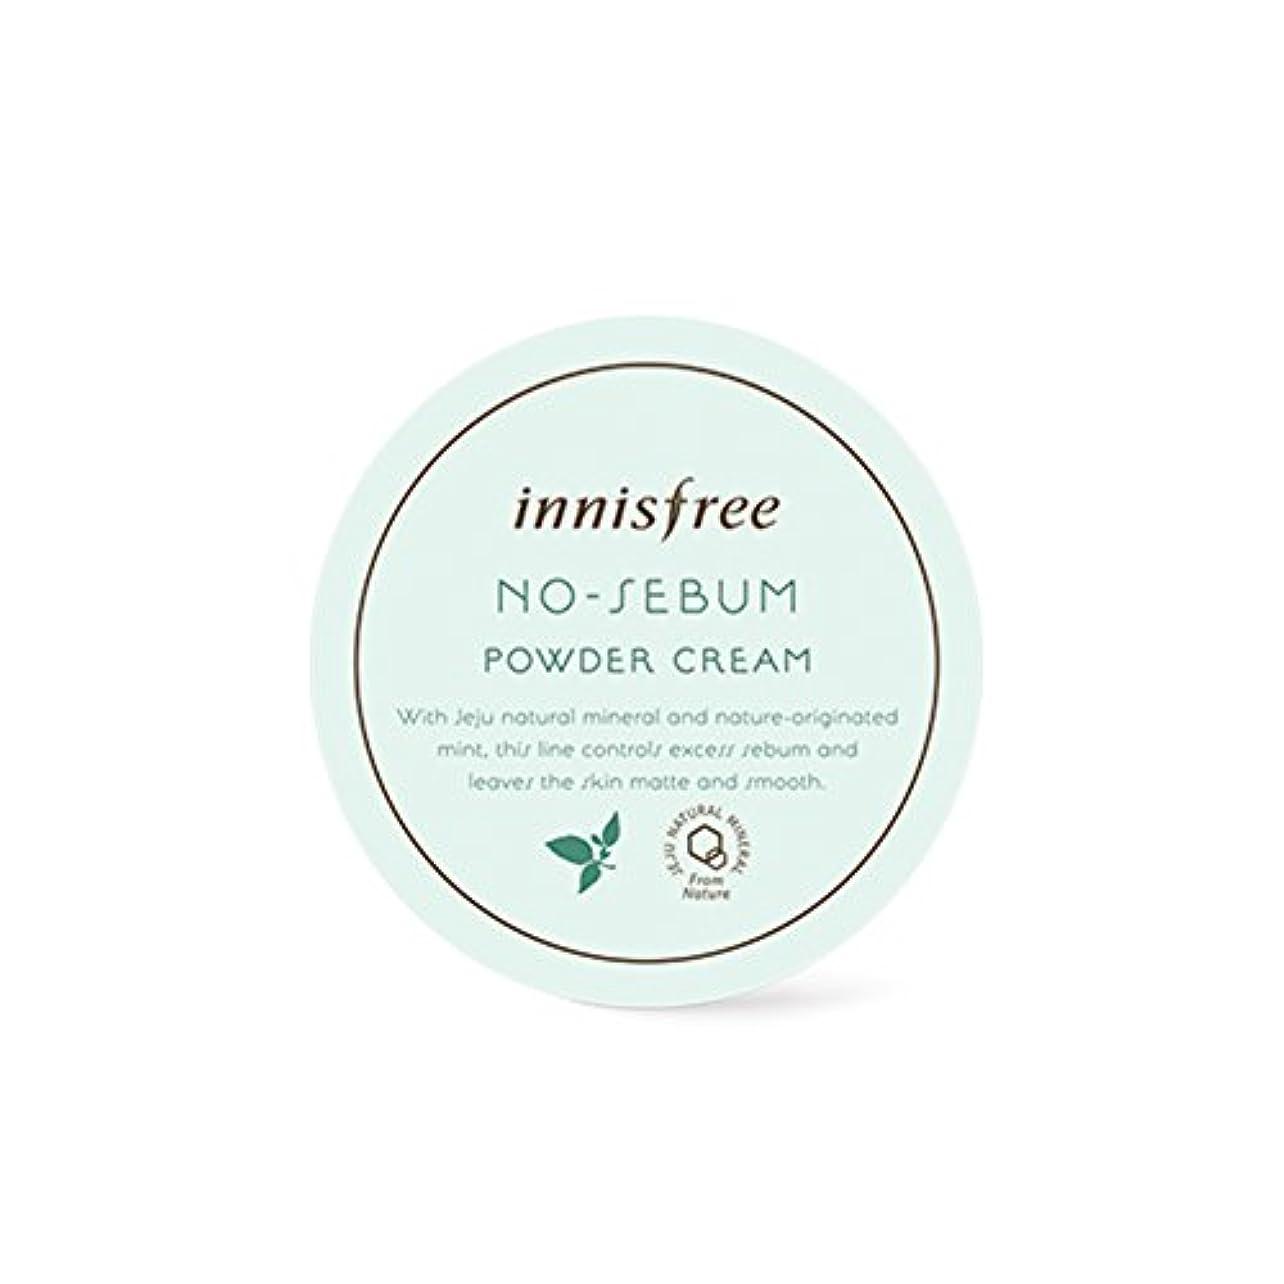 小道学校の先生苗イニスフリー[ Innisfree ]ノー皮脂パウダークリーム25g、油性スキンケア、オイルコントロール用[No-Sebum Powder Cream 25g, for Oily Skin Care, Oil Control...